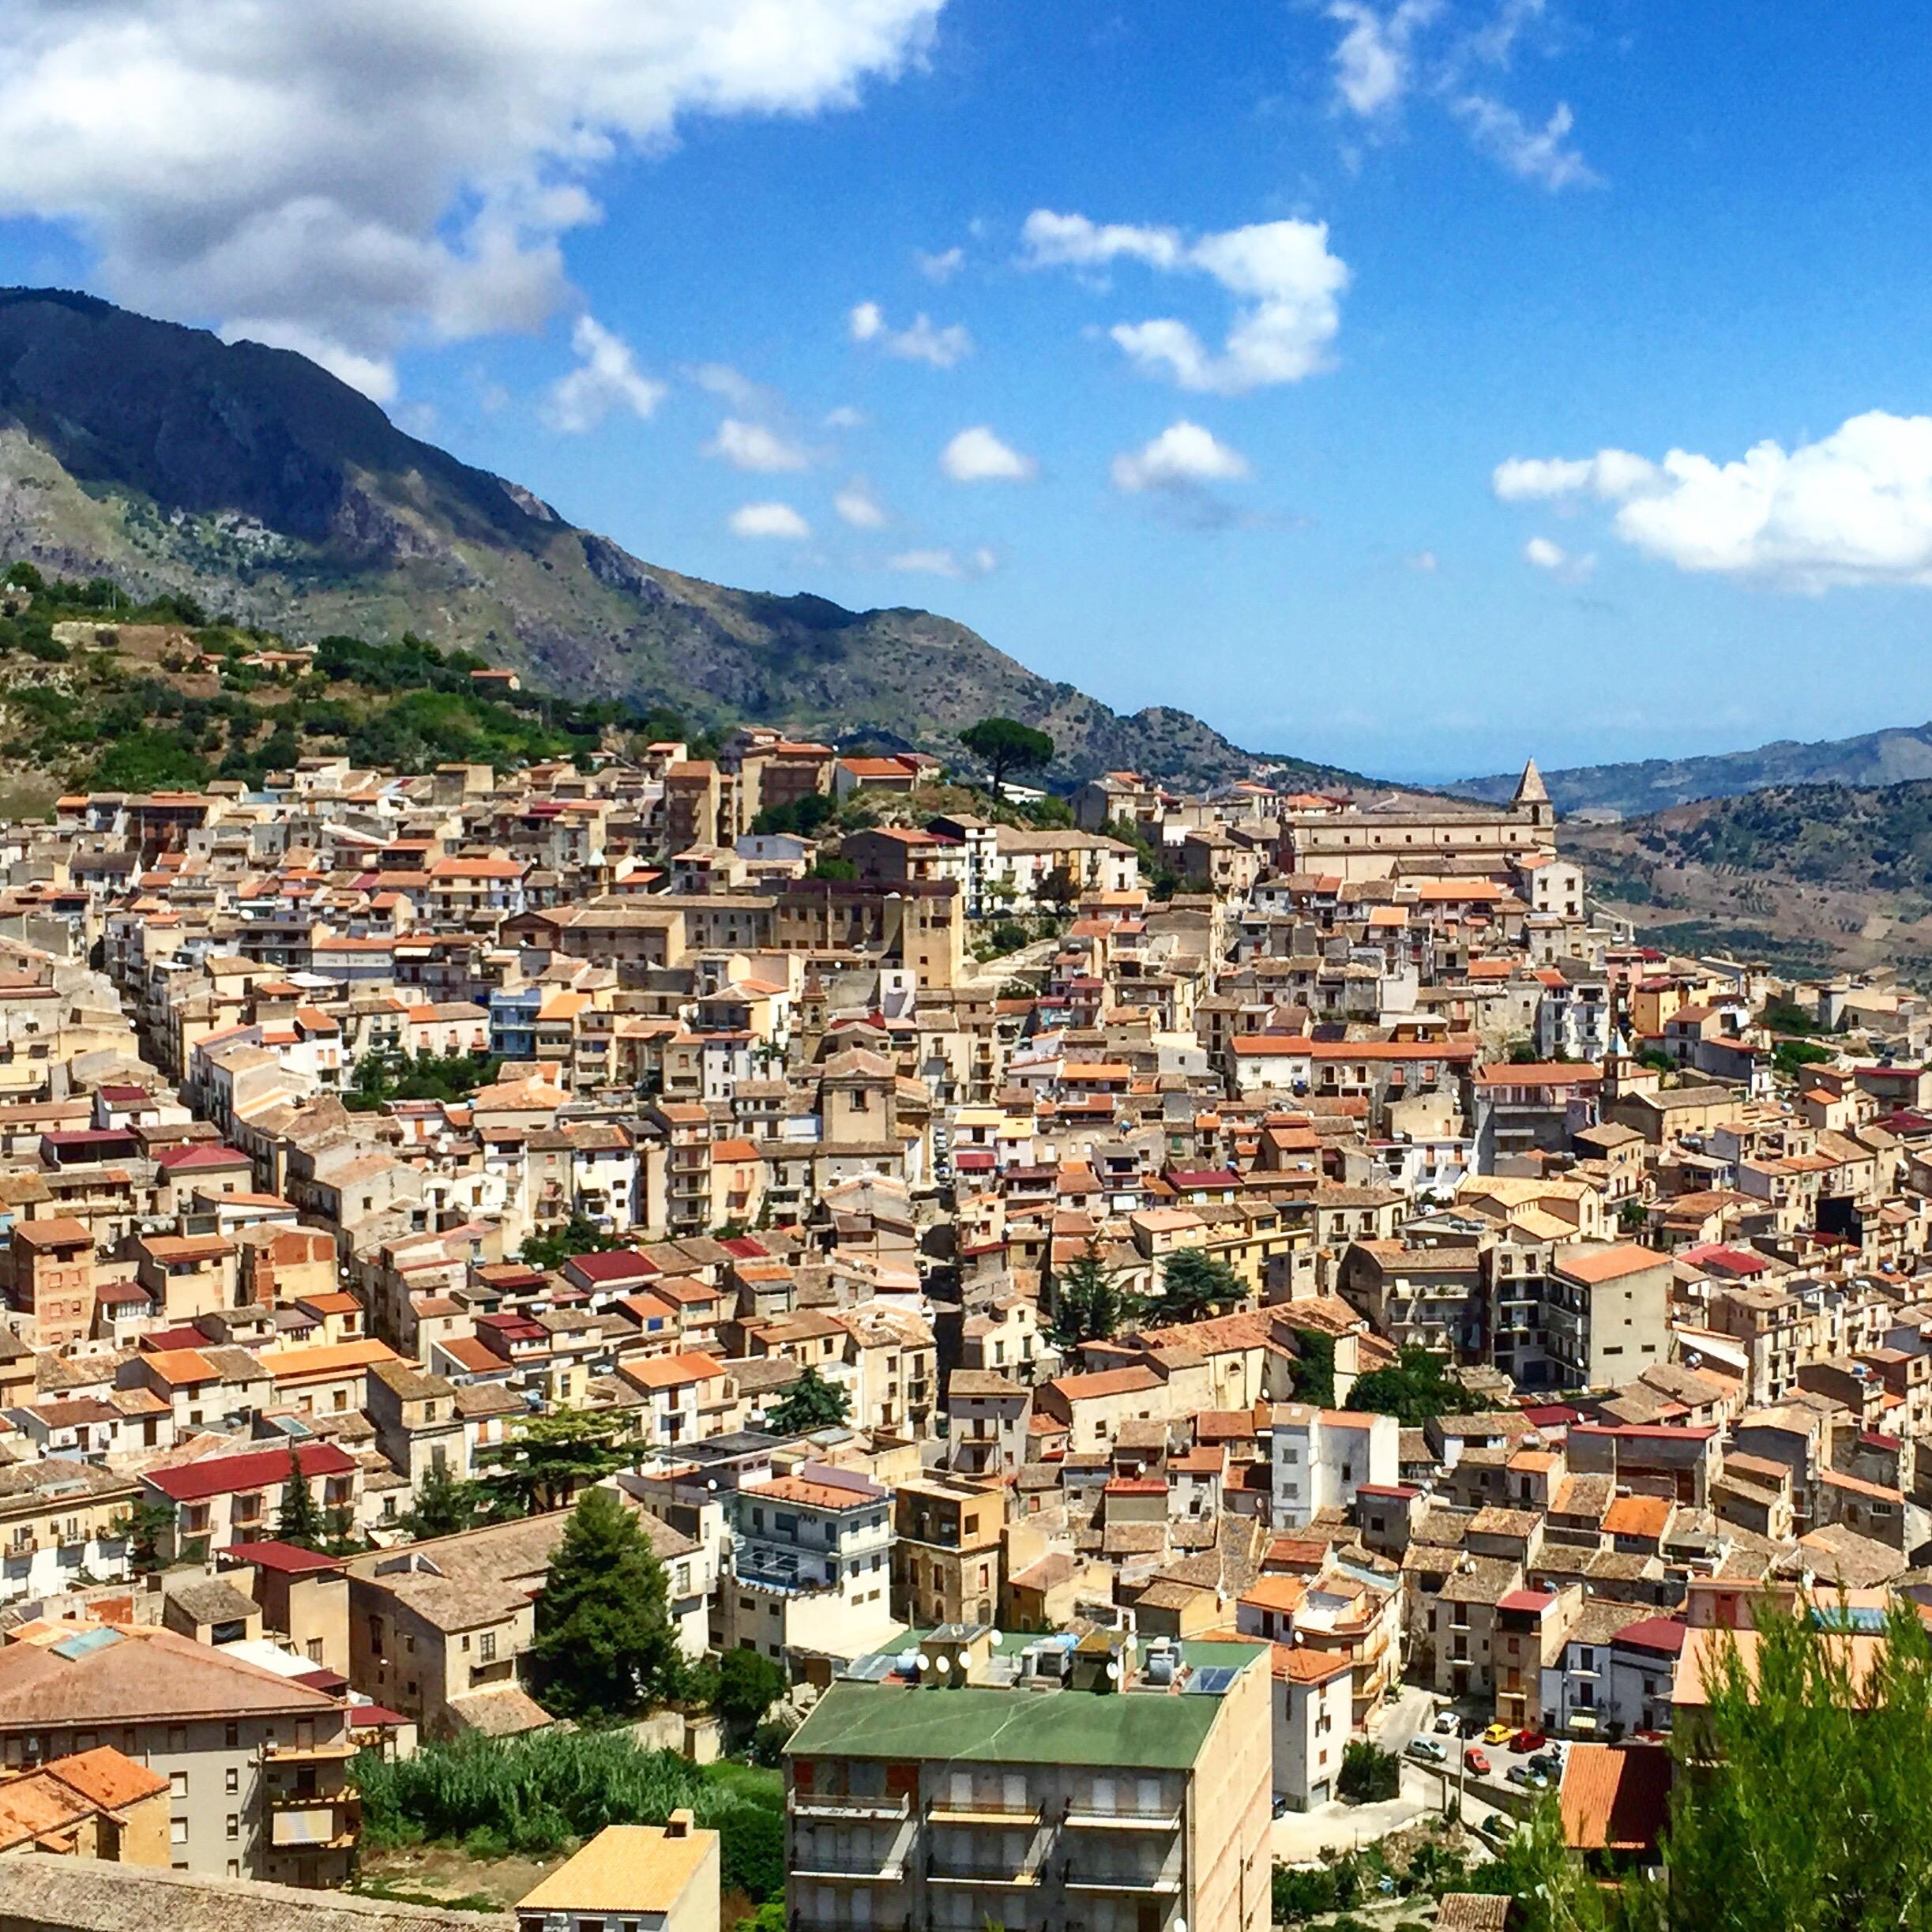 Ciminna, Sicily